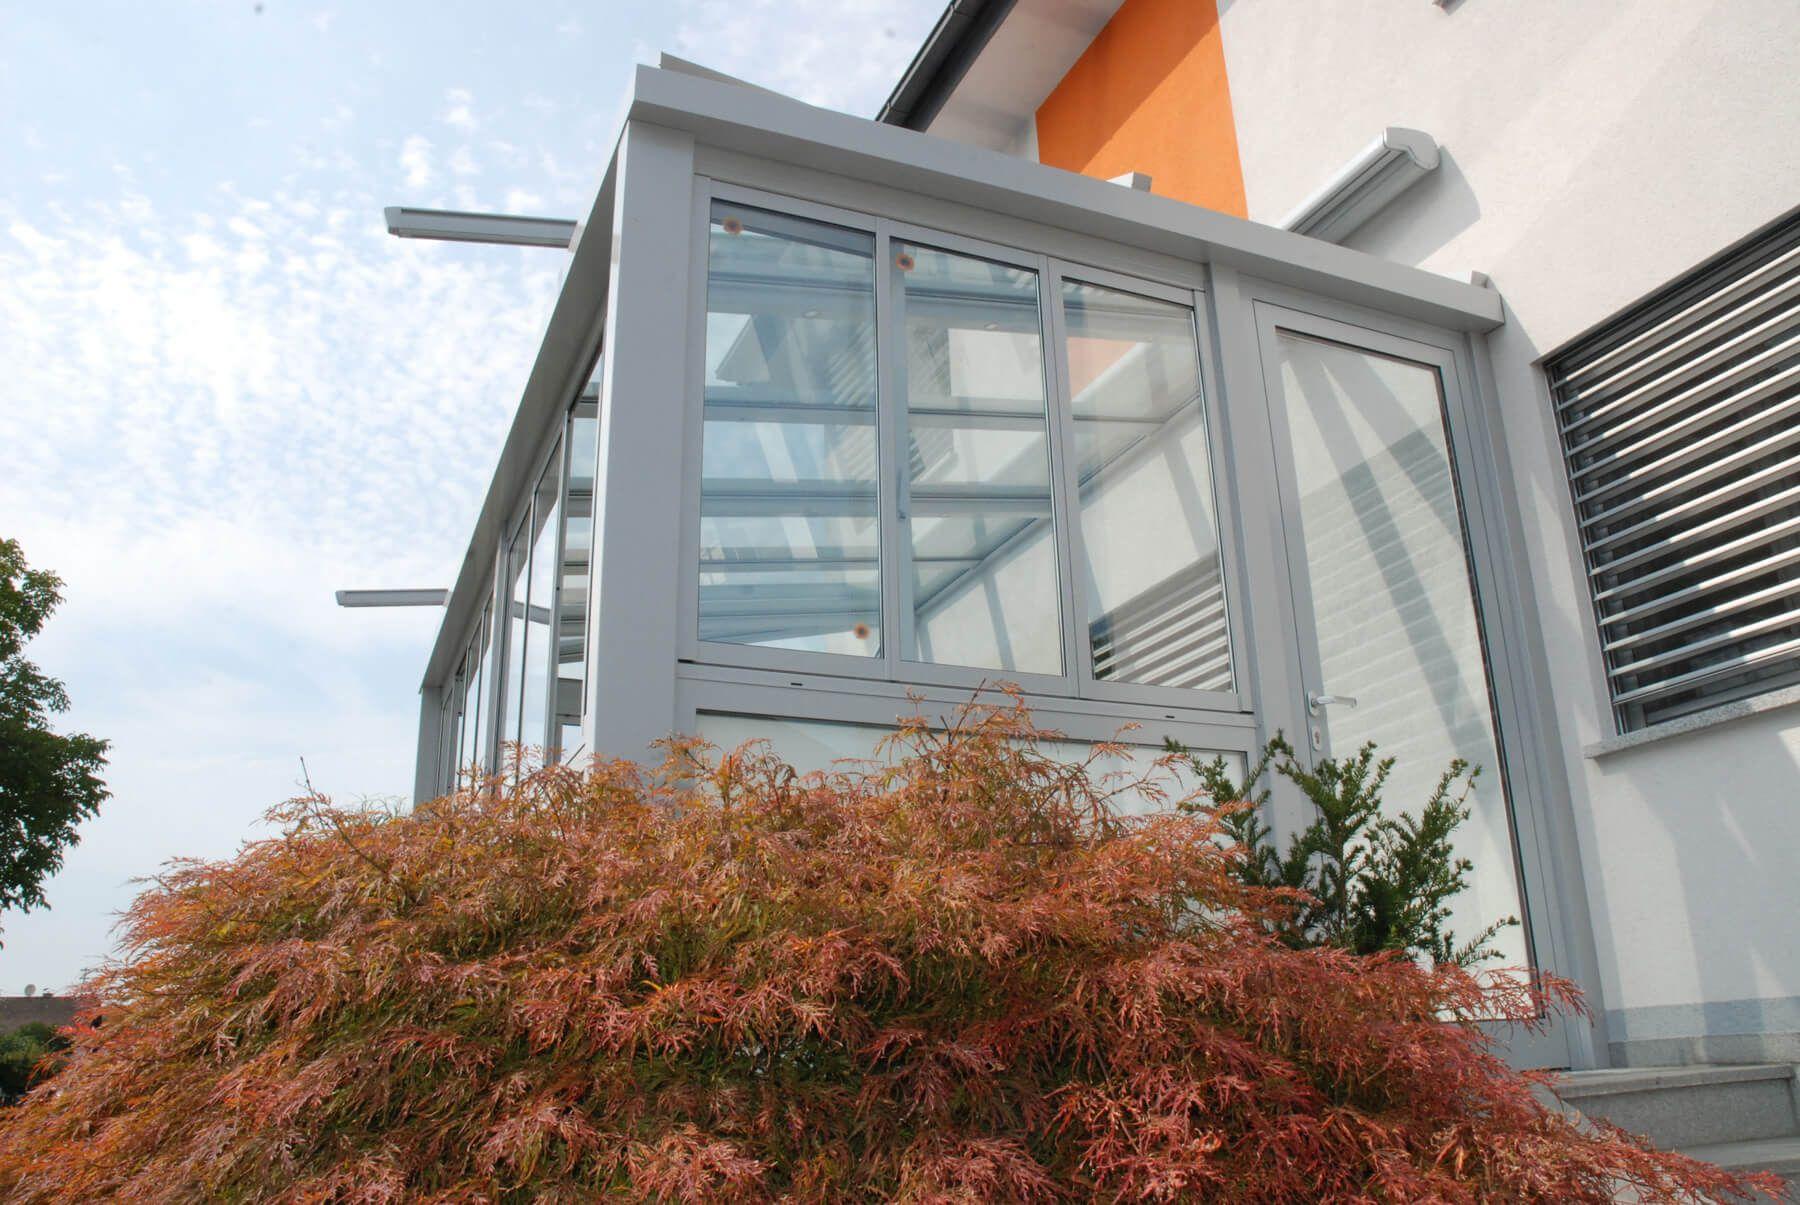 Faltfenster Wintergarten ~ Wintergarten mit eingangstüre und faltfenster